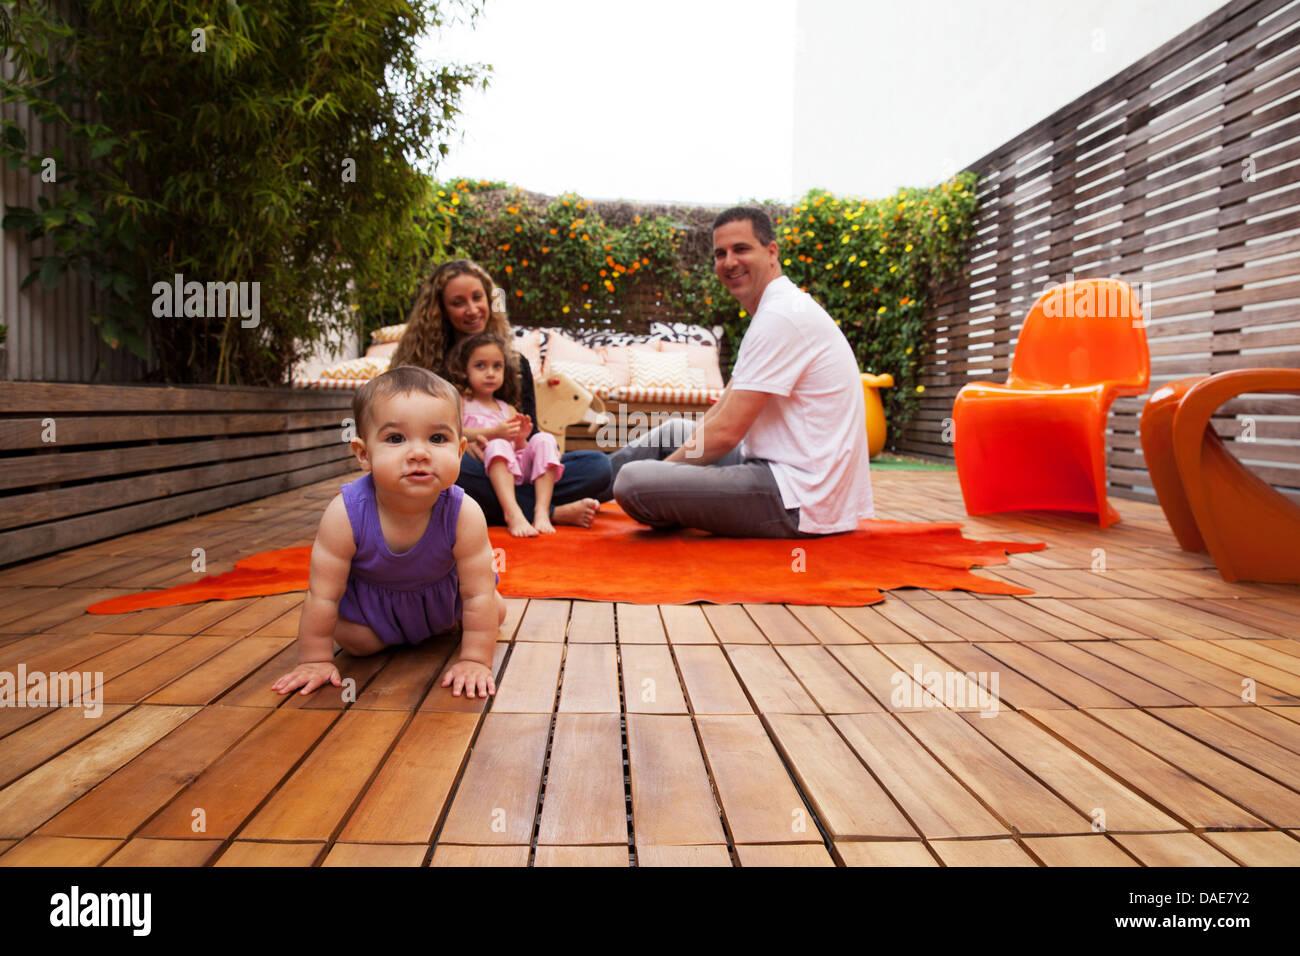 Famiglia seduta sul patio con baby girl strisciando in primo piano Immagini Stock